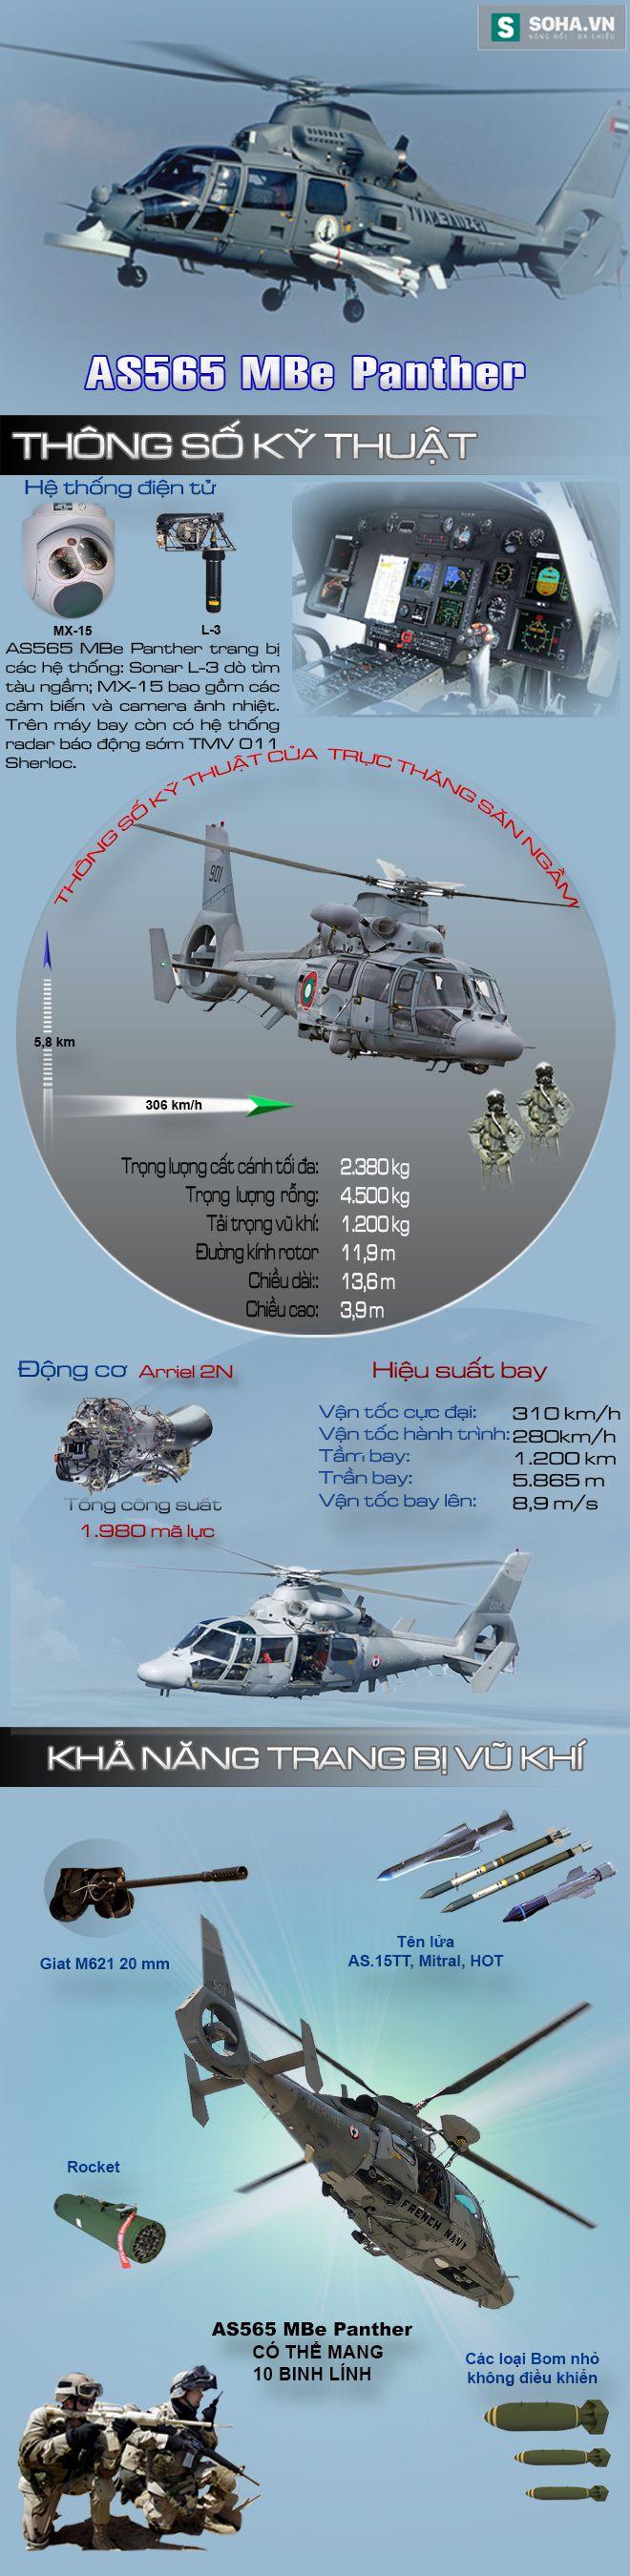 Trực thăng săn ngầm hàng đầu Đông Nam Á của Indonesia mạnh đến mức nào? - Ảnh 1.